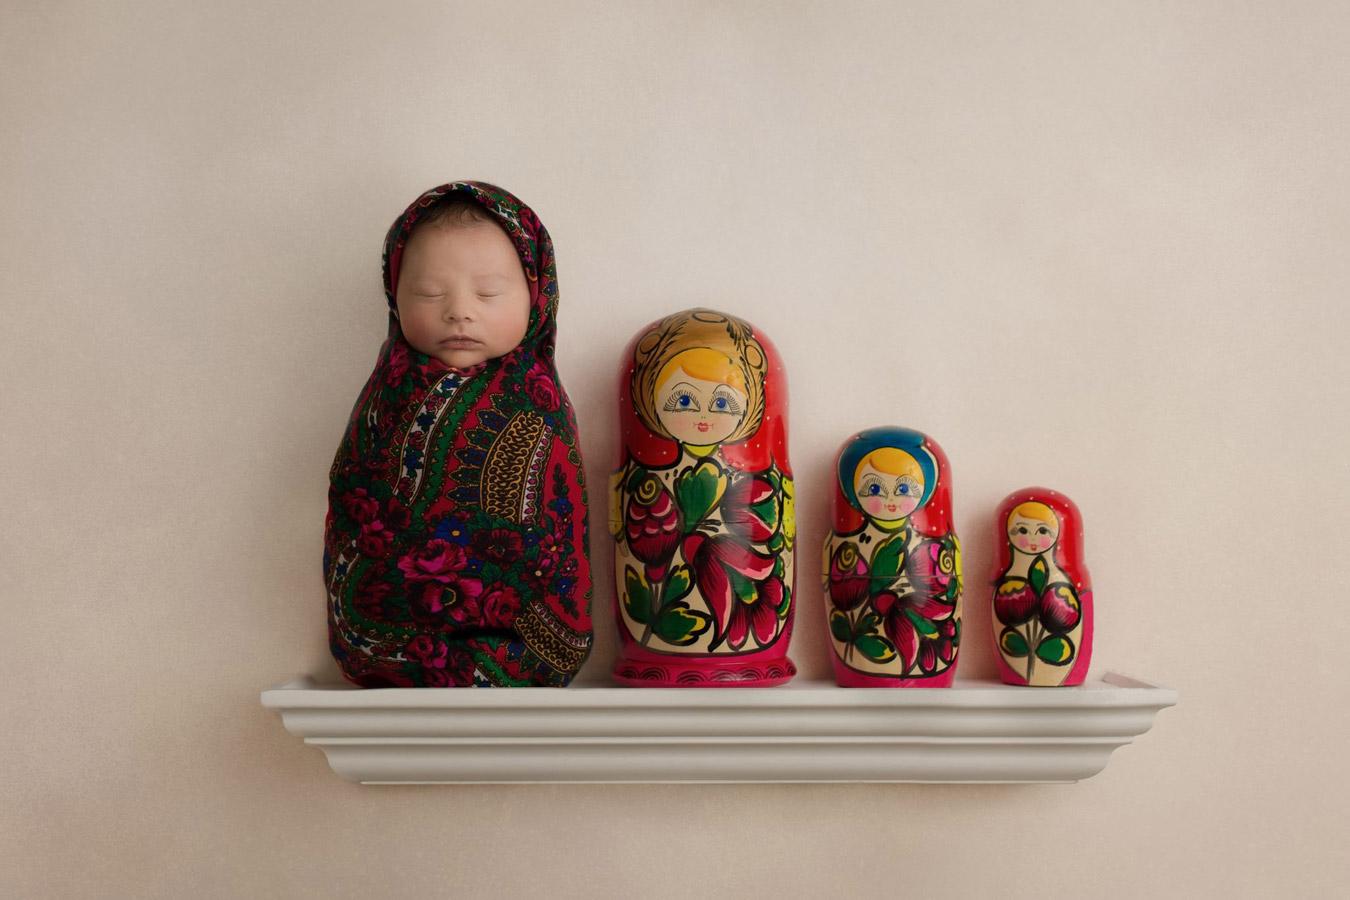 Без названия, © А. Тетера, Великобритания, Фотоконкурс новорожденных